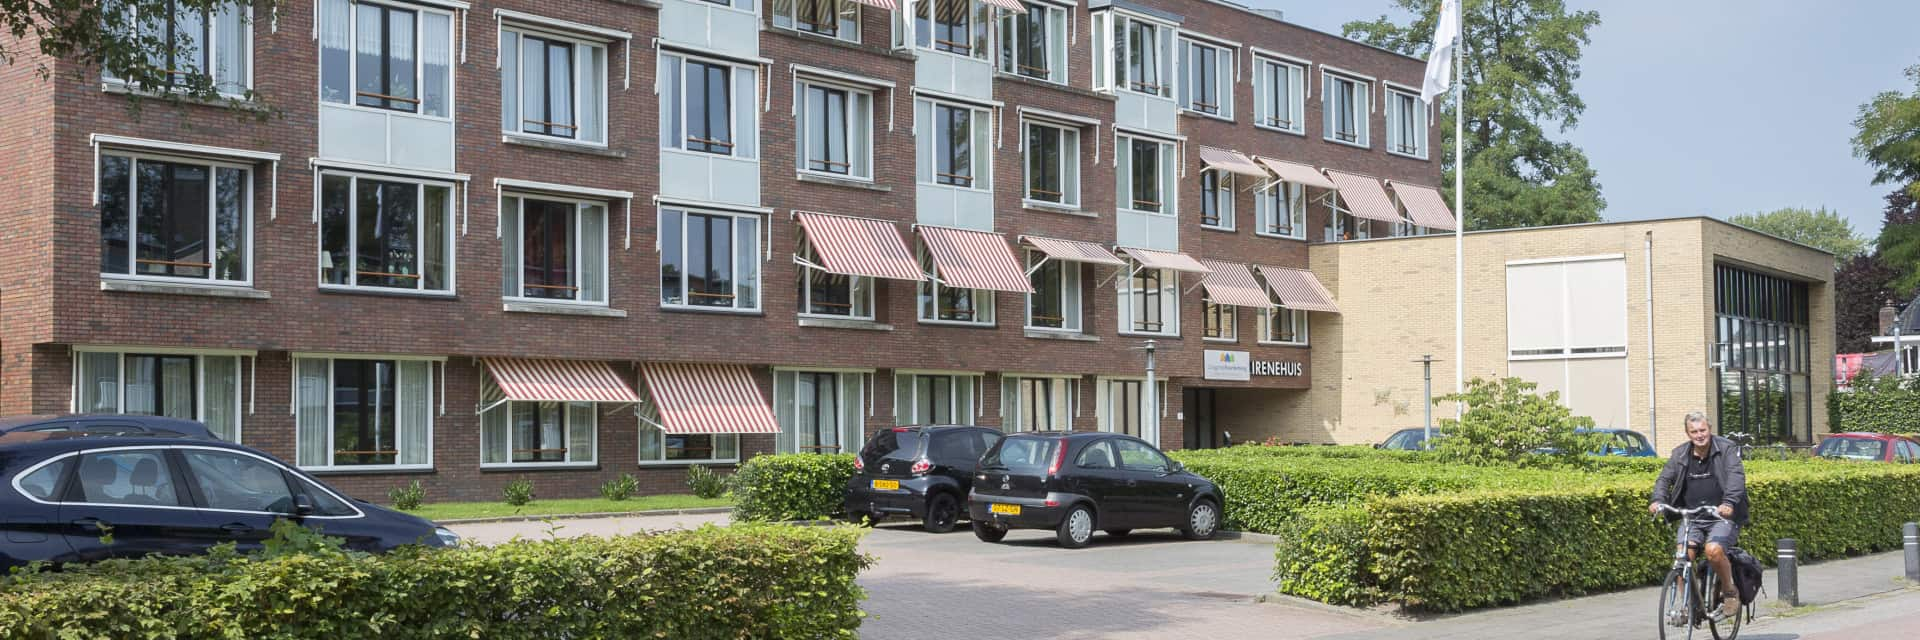 Irenehuis